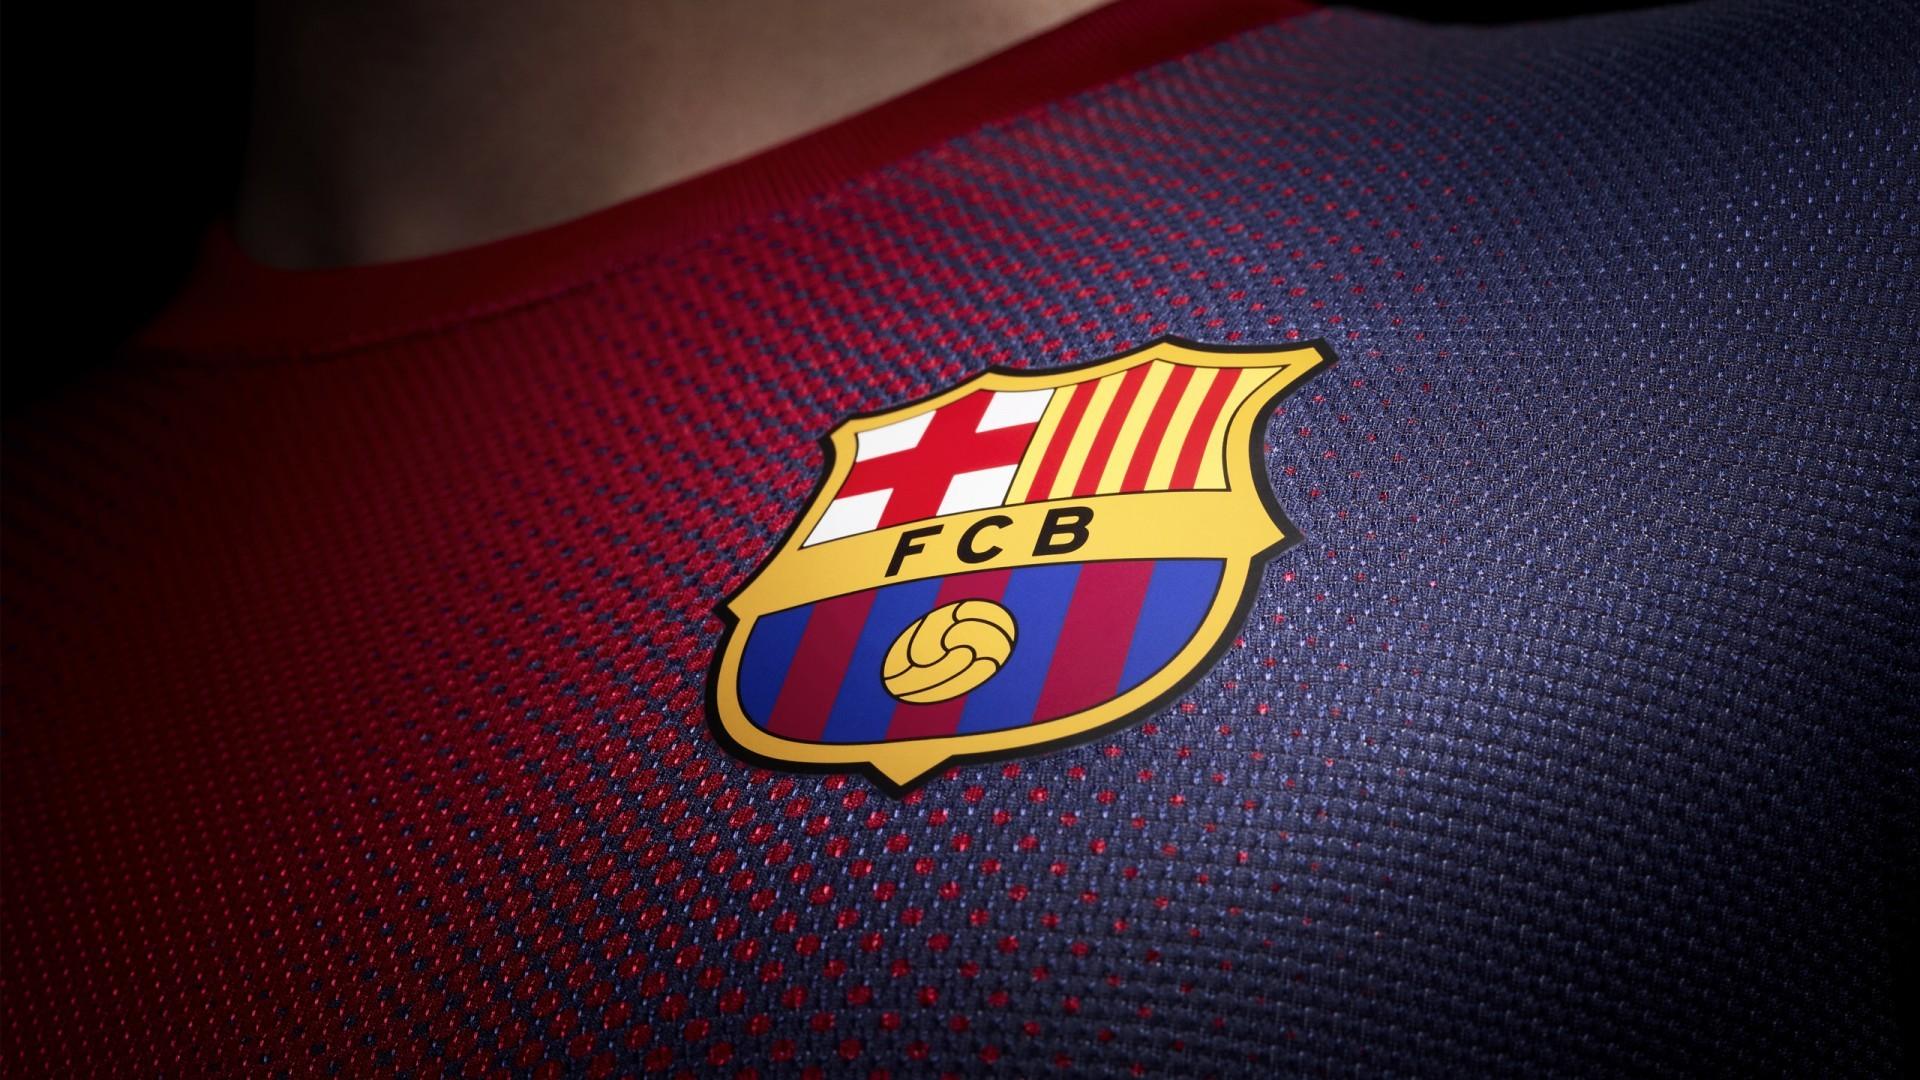 … x 1080 2560 x 1440 Original. Description: Download FC Barcelona Sports  wallpaper …